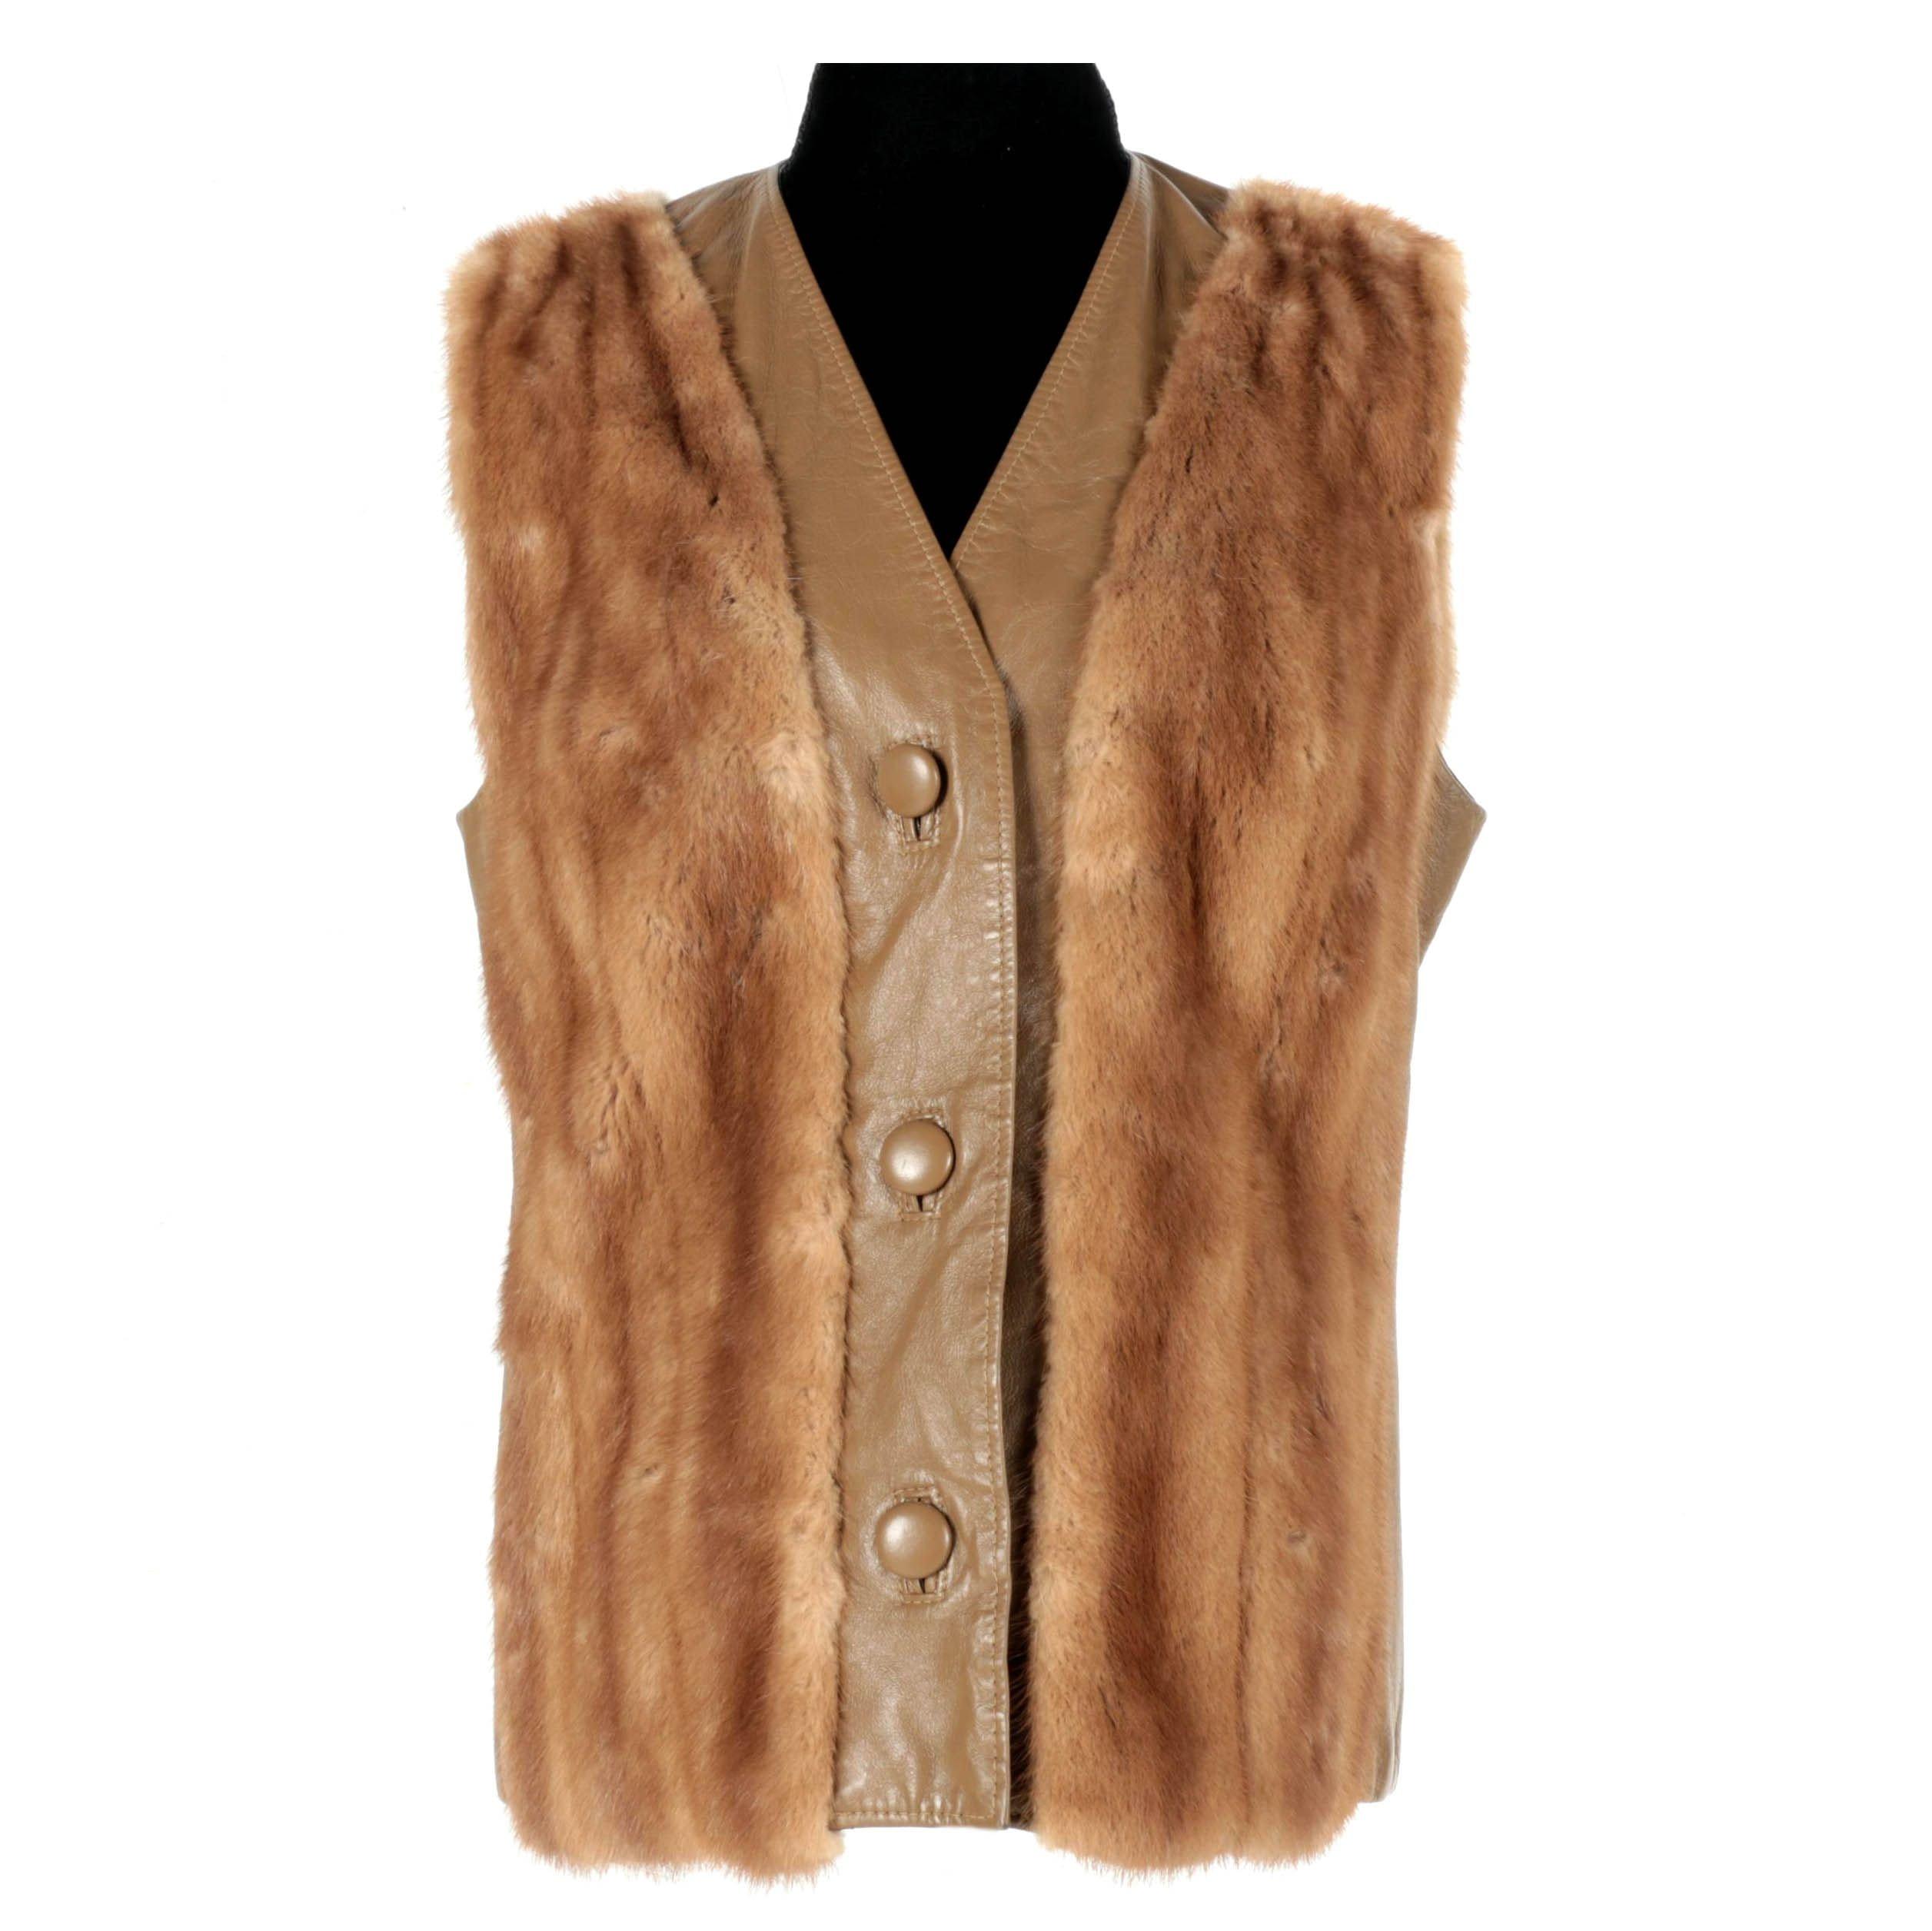 Vintage Koslows Mink Fur and Leather Vest